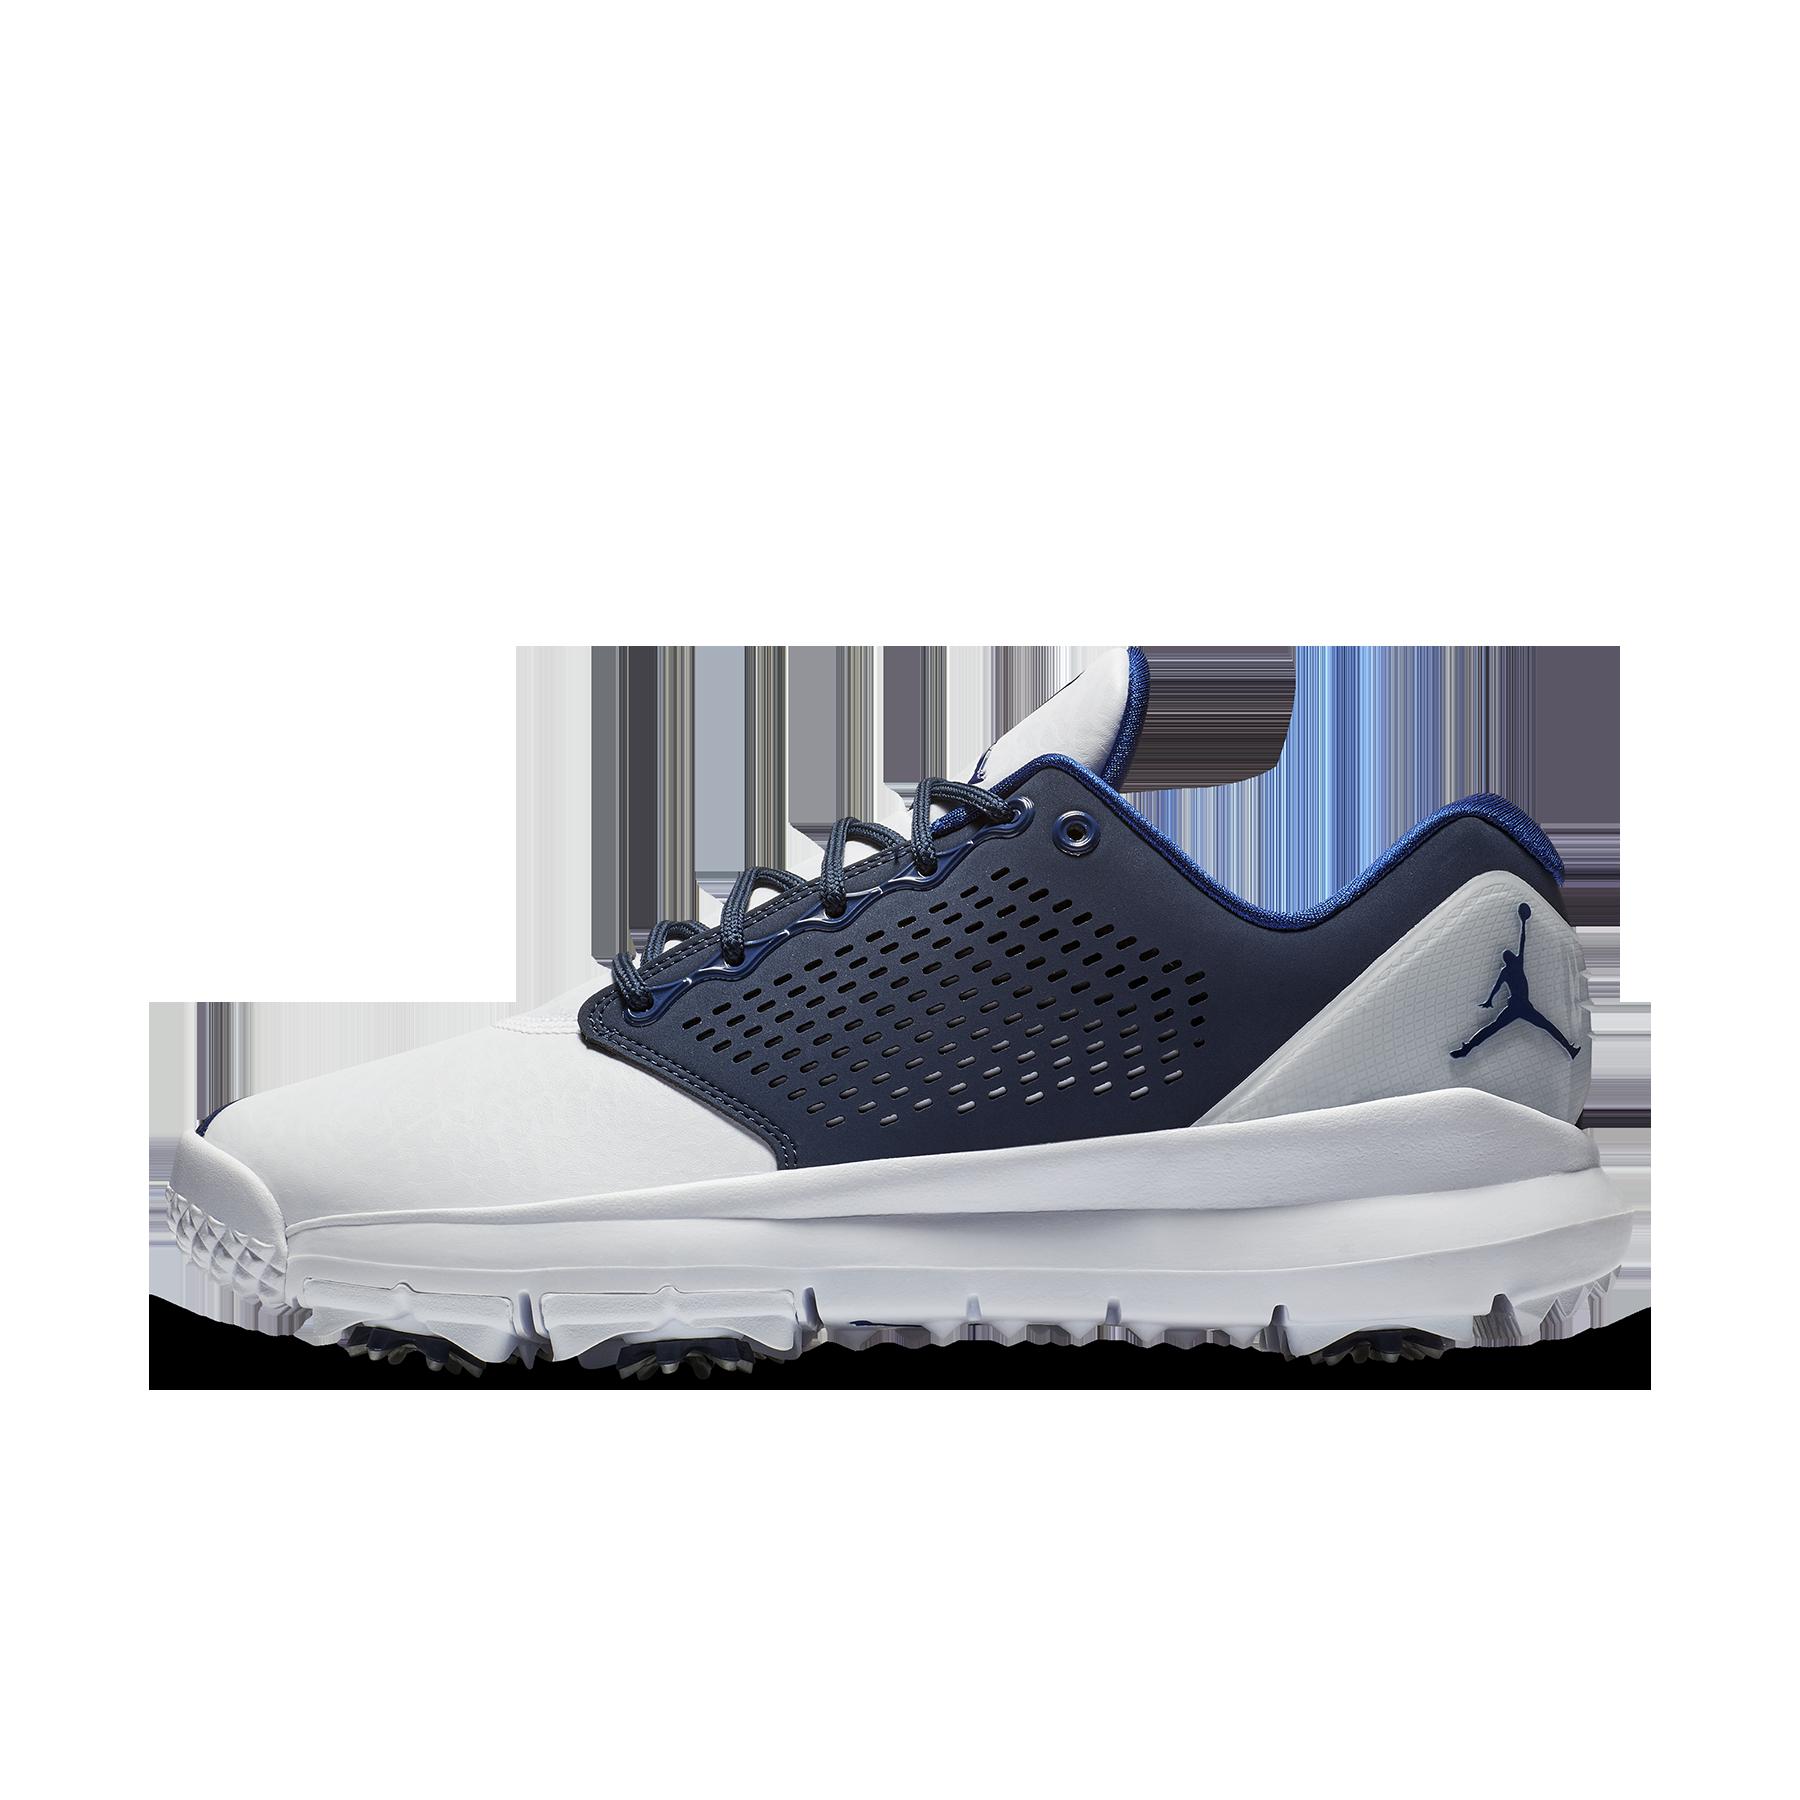 Nike Jordan Trainer ST G Men's Golf